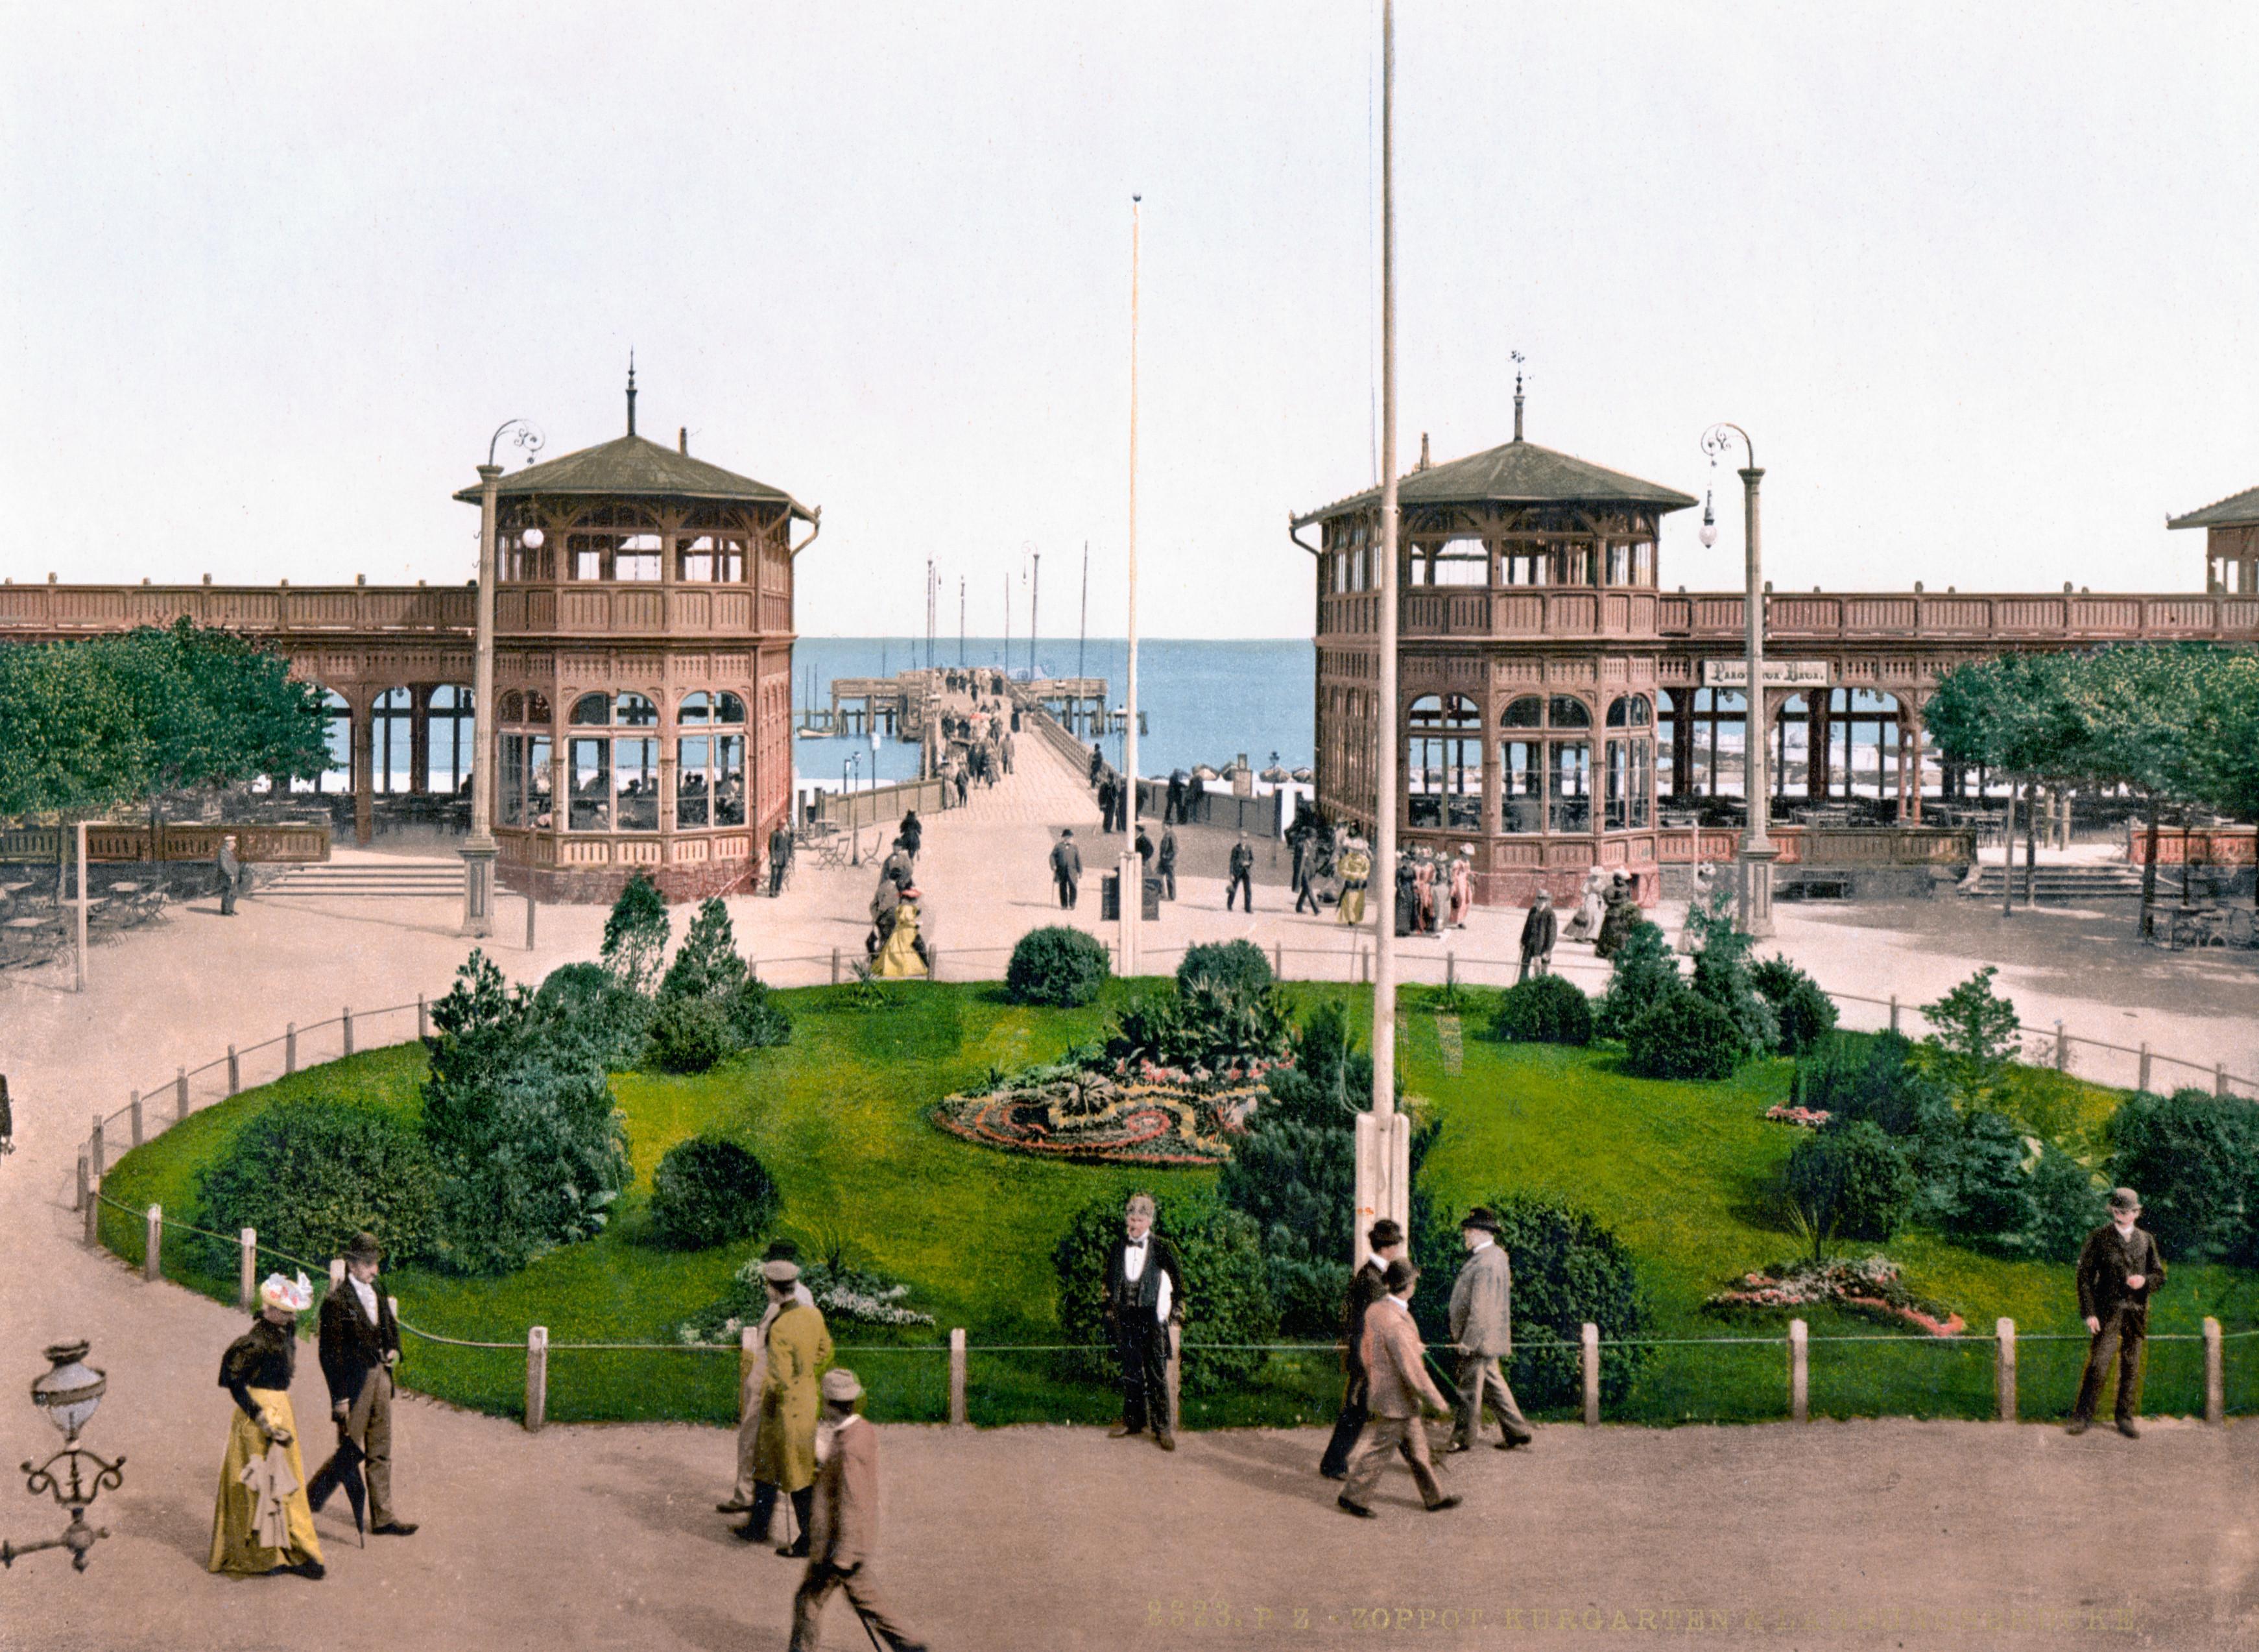 Zoppot Kurgarten 1900